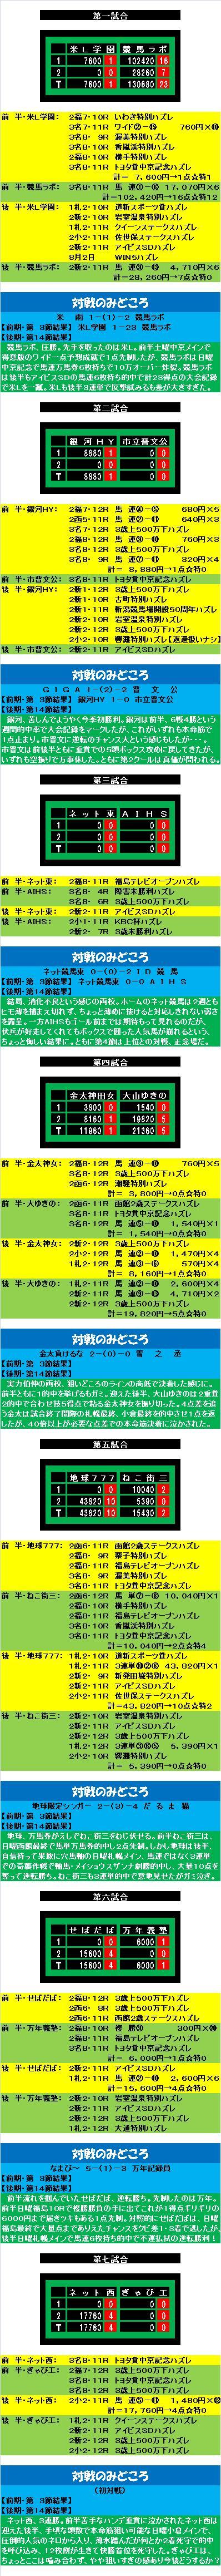 20150802・ダルマンリーグ第3節後半終了リプレイスコア⑧.jpg